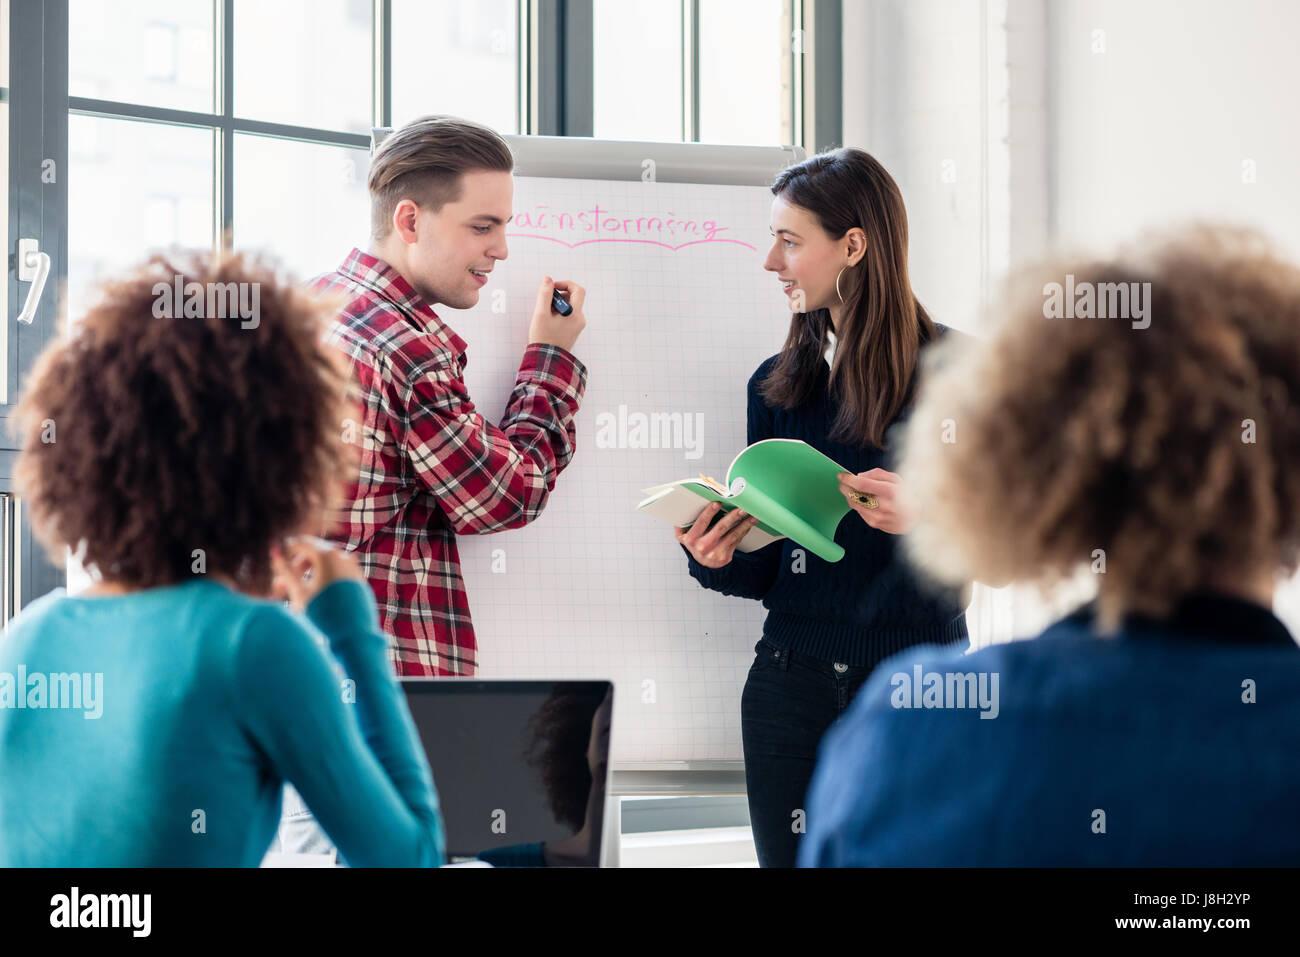 Los estudiantes que comparten ideas y opiniones mientras durante una lluvia de ideas Imagen De Stock